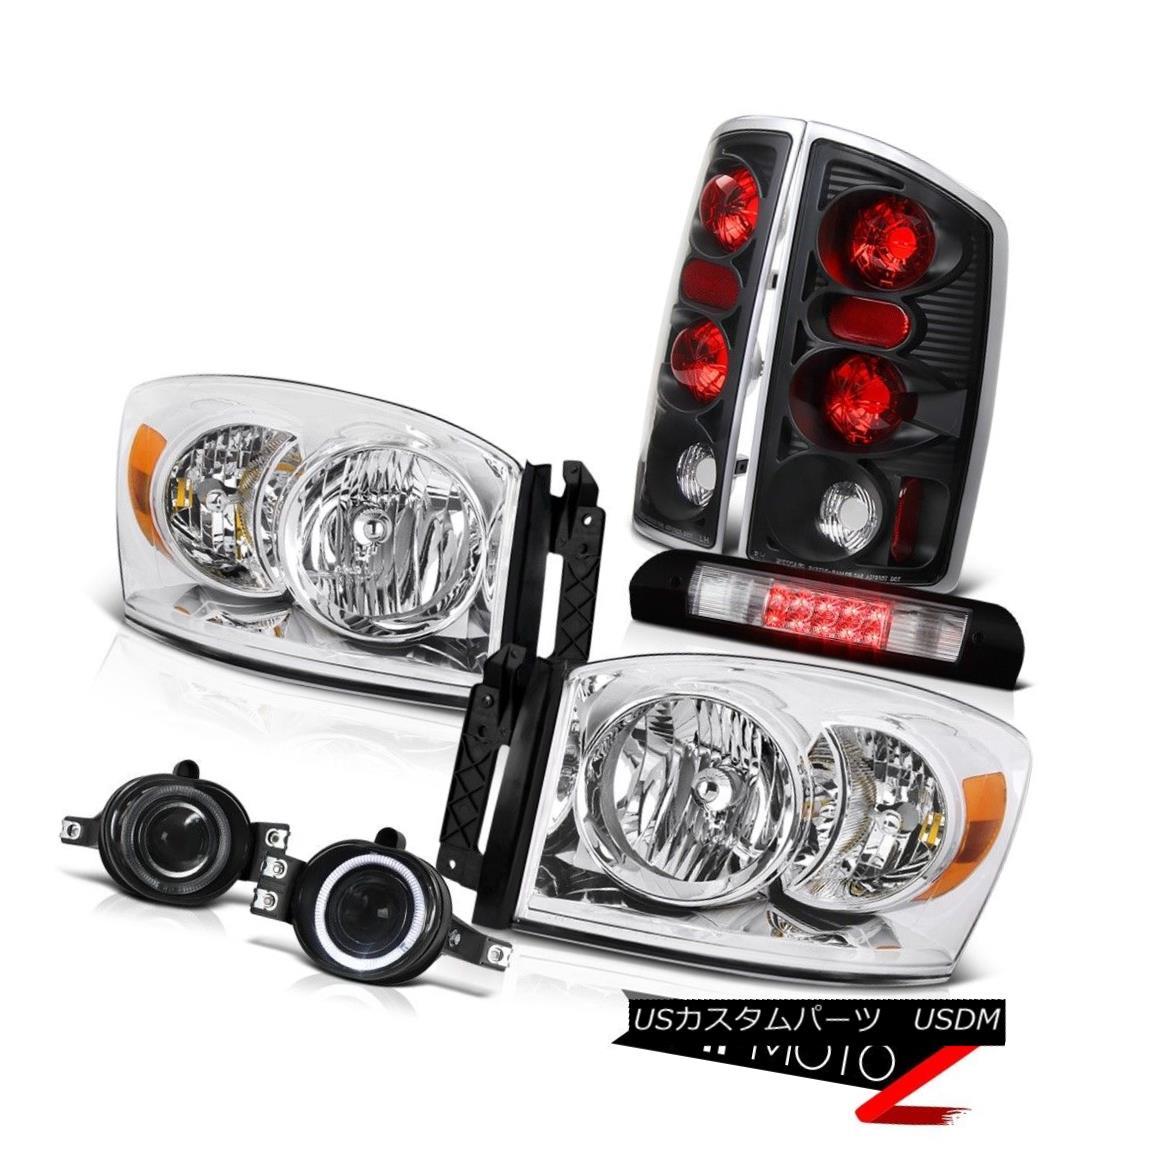 ヘッドライト Clear Headlamps Tail Brake Lamp Projector Fog Euro Third LED 2006 Dodge Ram V8 クリアヘッドランプテールブレーキランププロジェクターフォッグユーロサードLED 2006 Dodge Ram V8